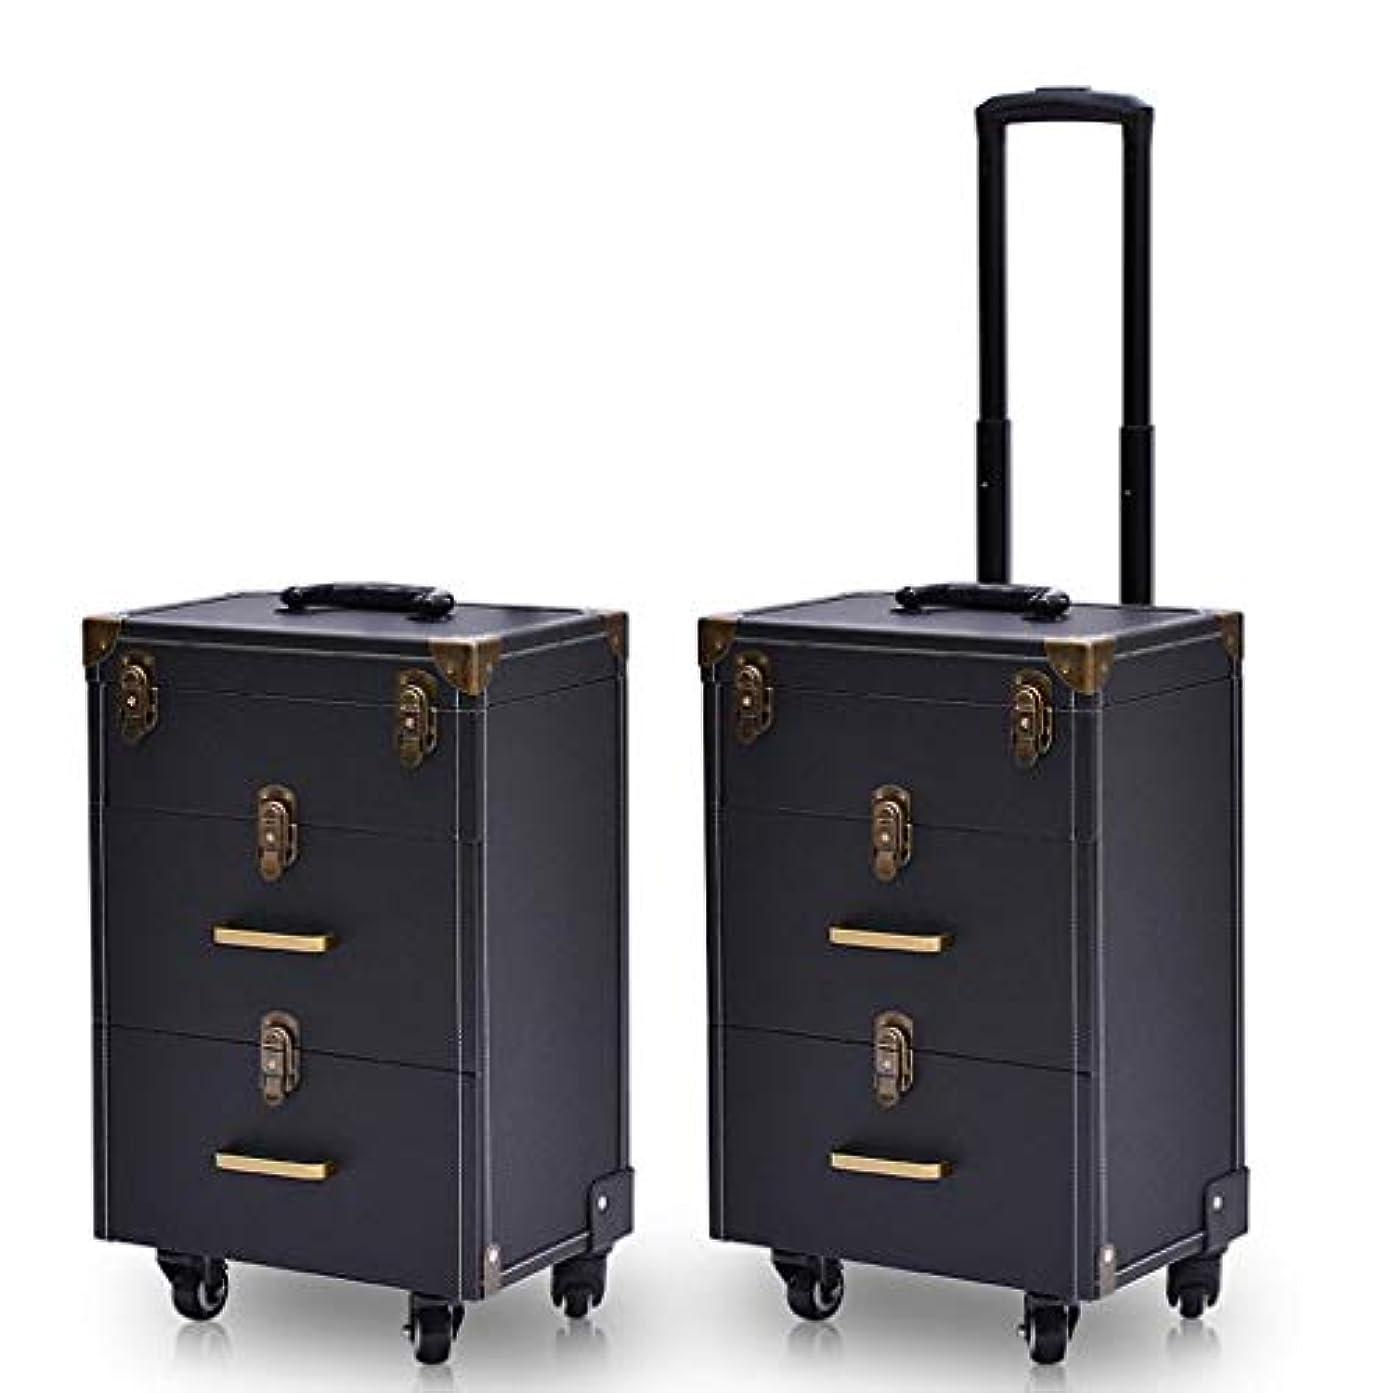 呼びかける精算胴体トロリー化粧品ケース、三層レトロロックタイプワンピース美容メイクトロリーケース、携帯旅行化粧品ケース、2引き出し付き